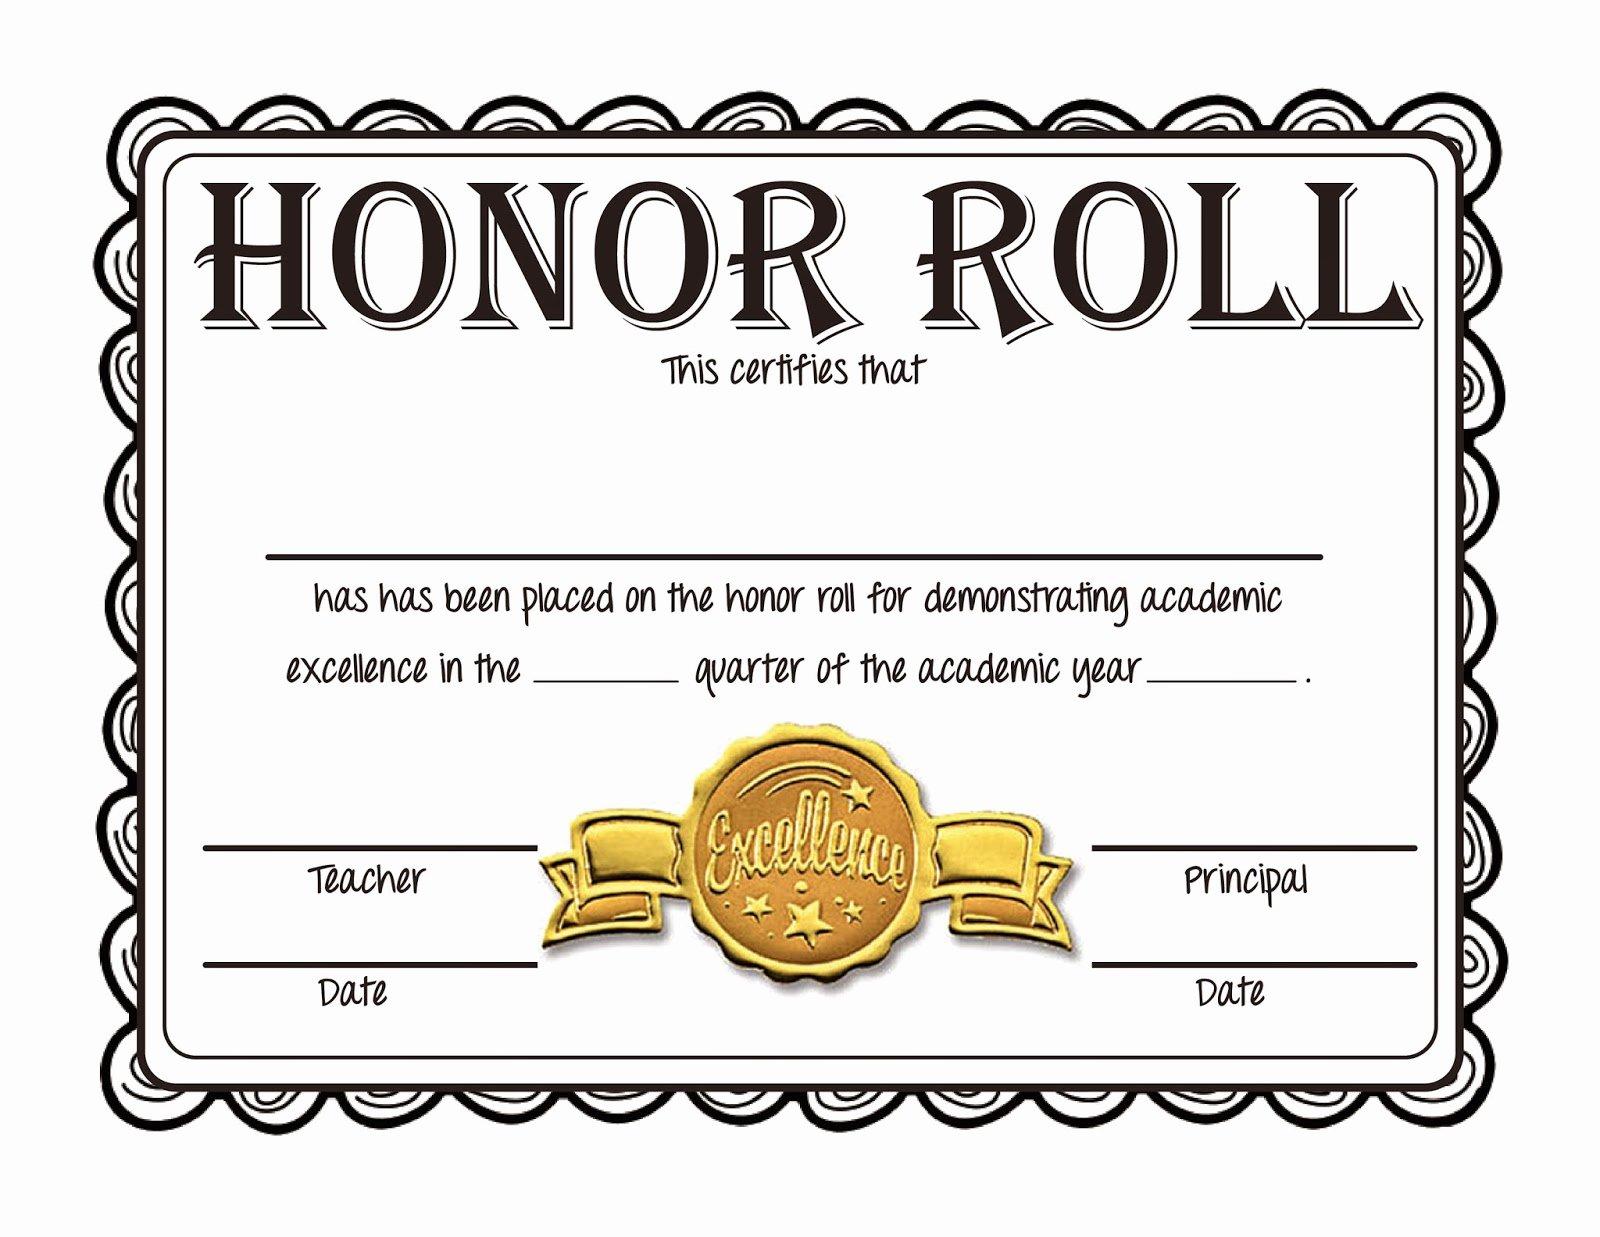 Honor Roll Certificate Template Lovely Steve S Classroom New Freebie Honor Roll Certificates